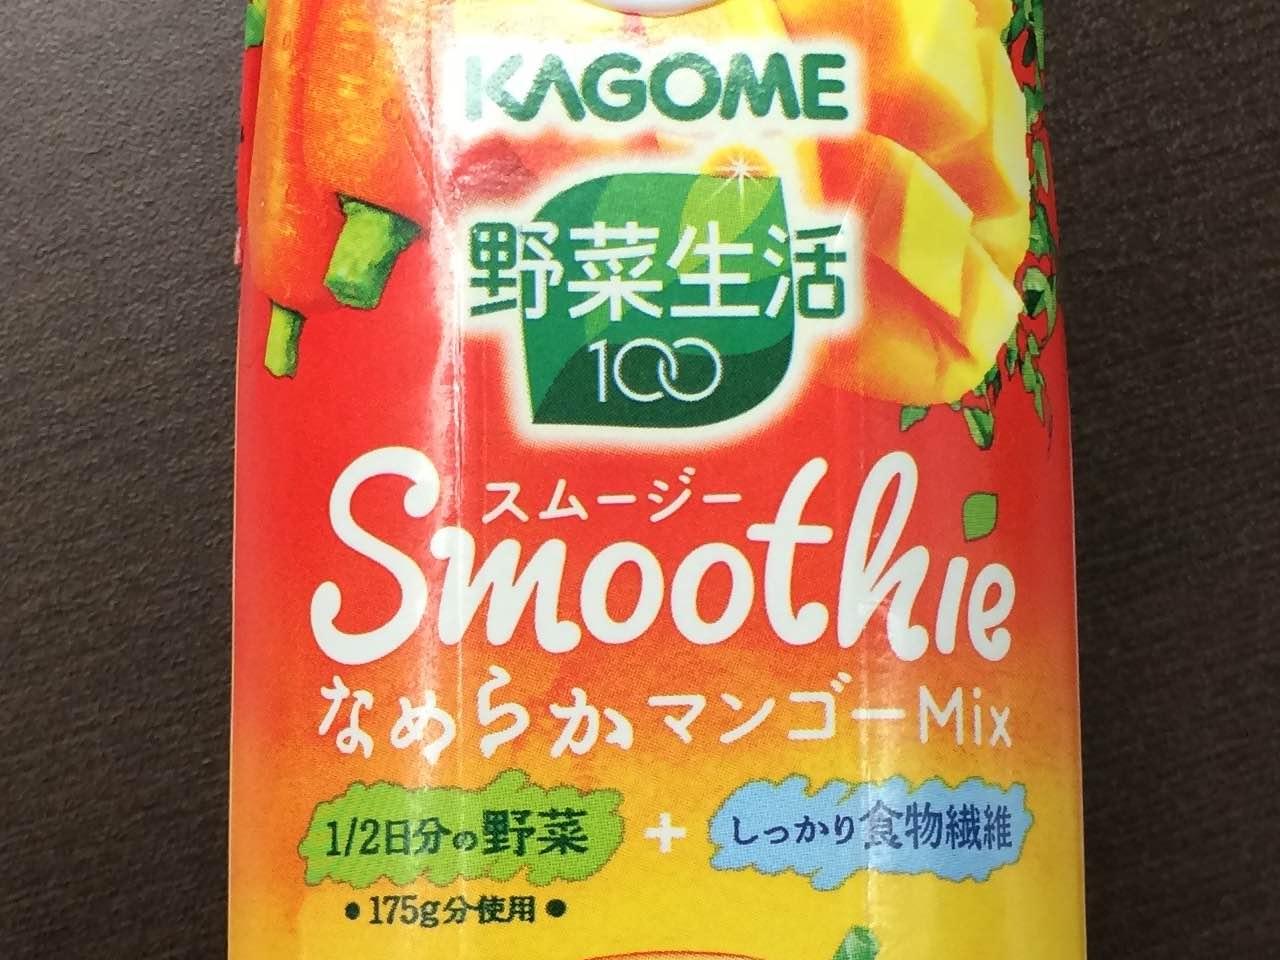 野菜生活100 Smoothie なめらかマンゴーMix